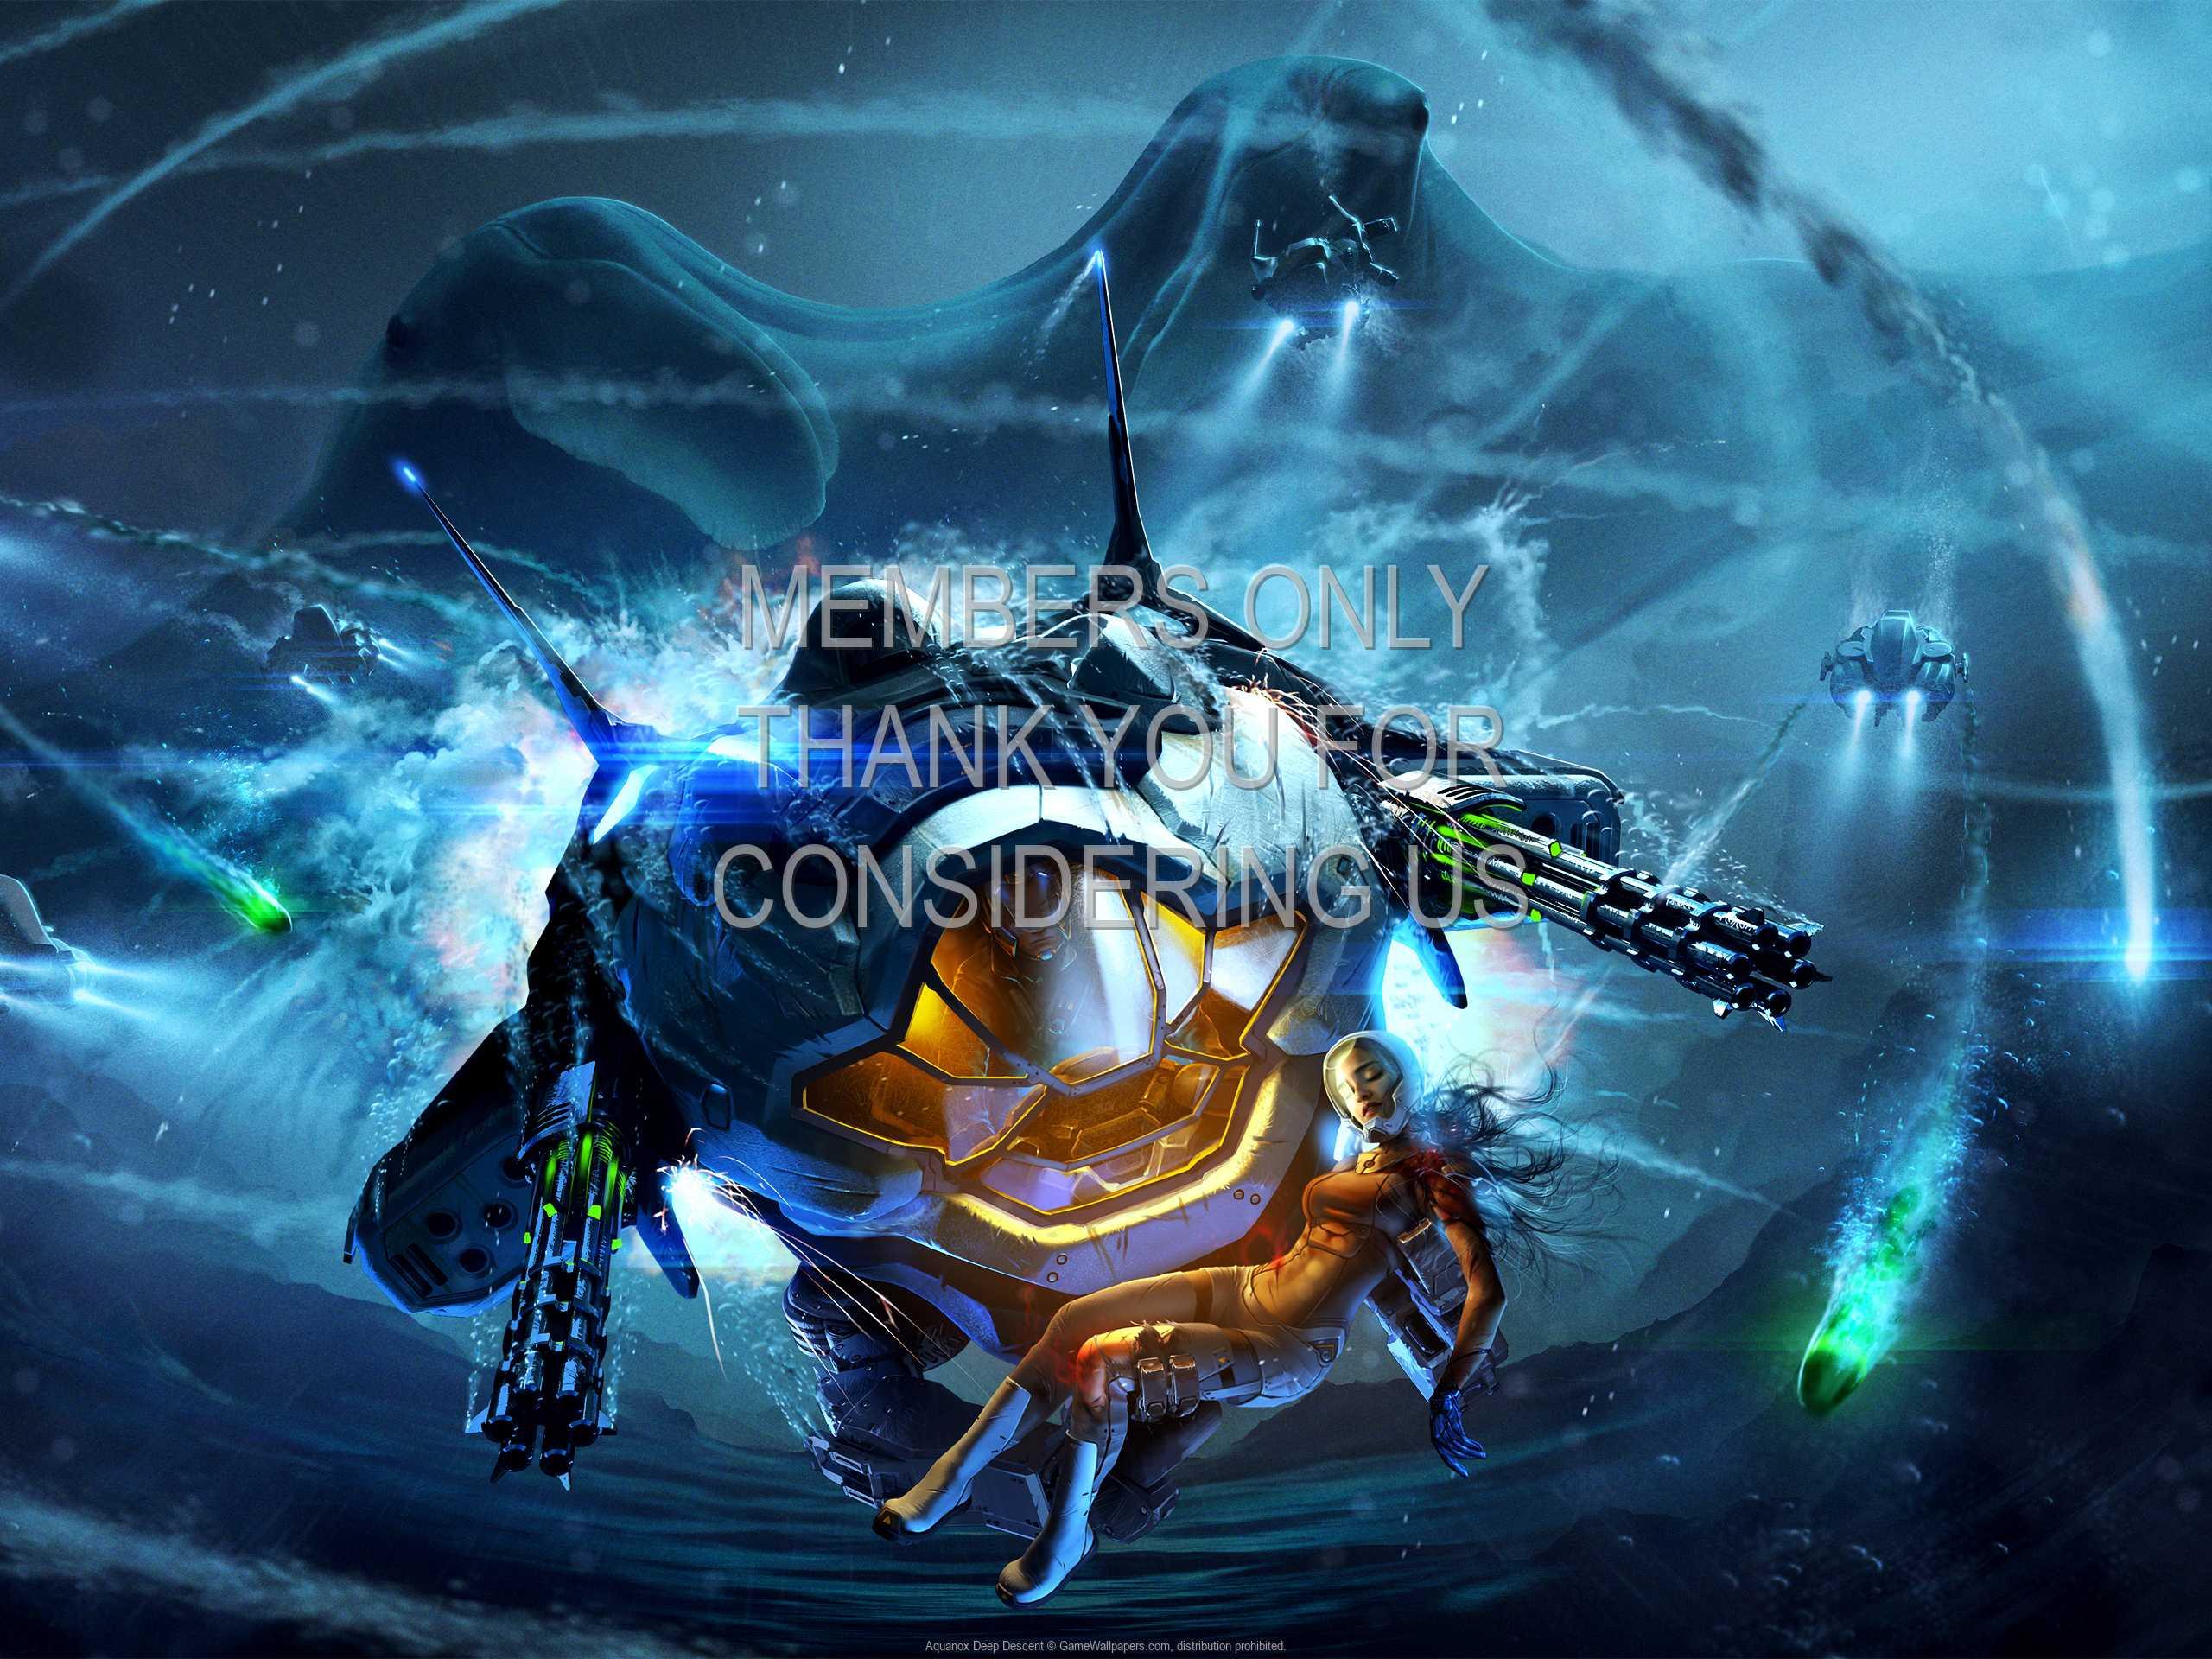 Aquanox: Deep Descent 1080p Horizontal Móvil fondo de escritorio 01